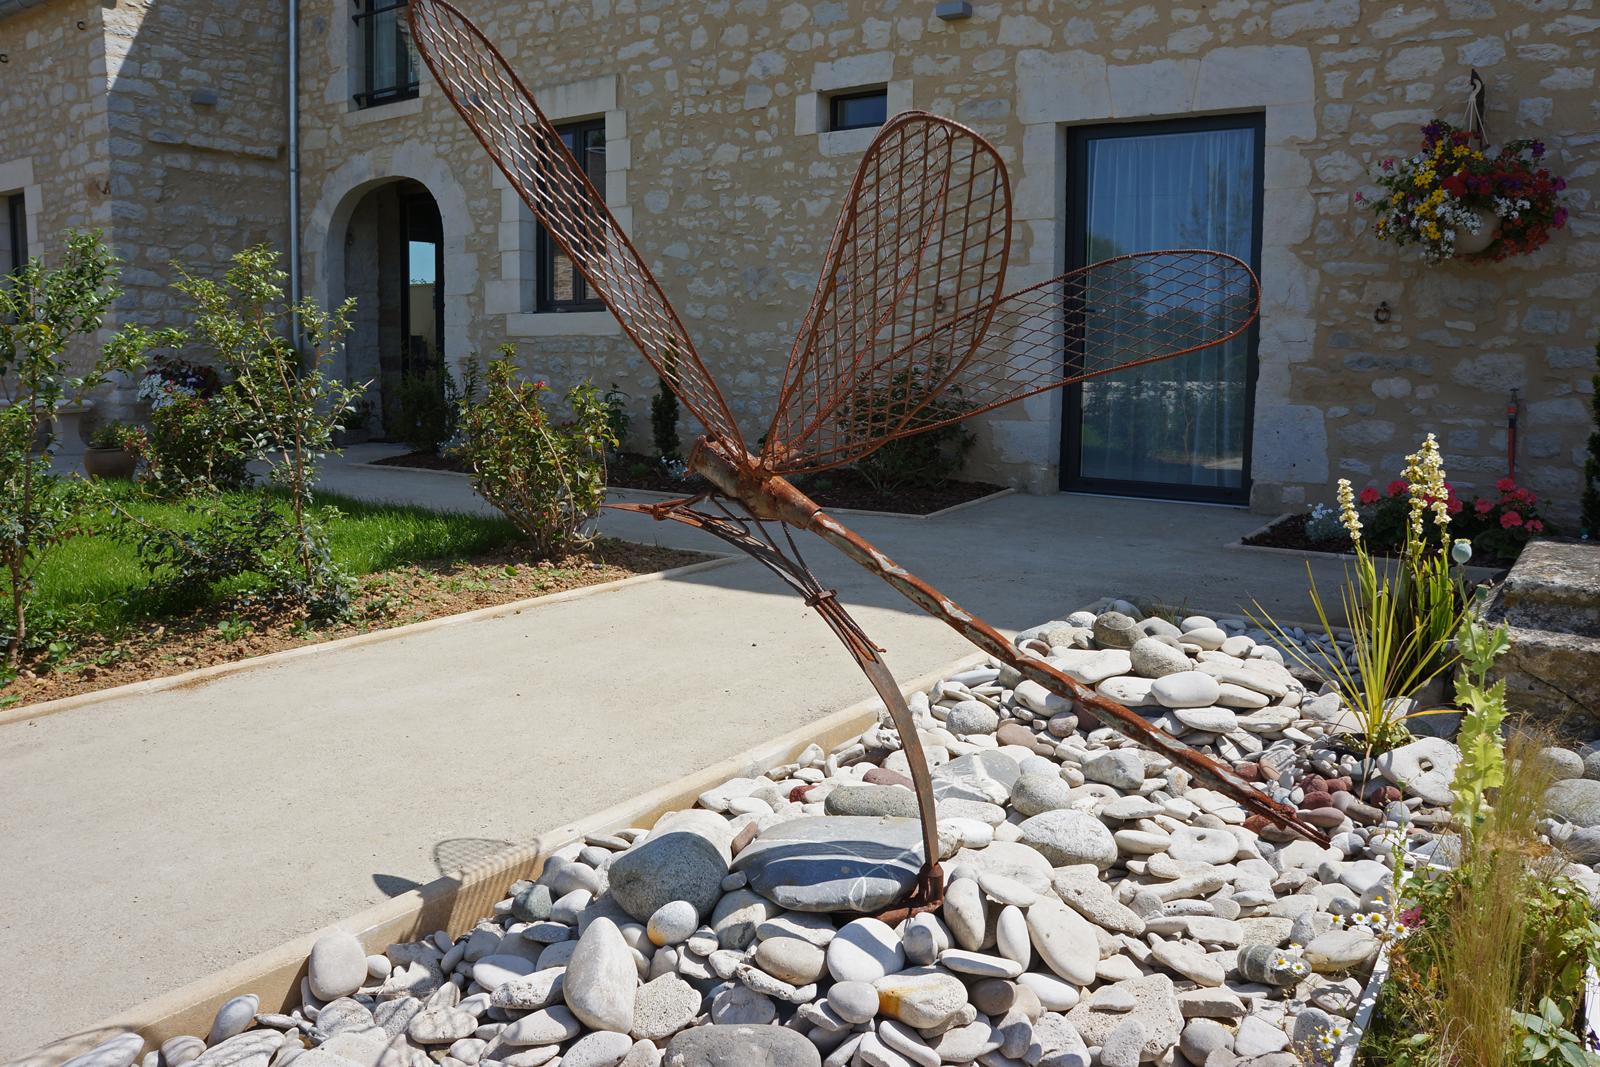 sculpture Maison hotes Les oiseaux de passage